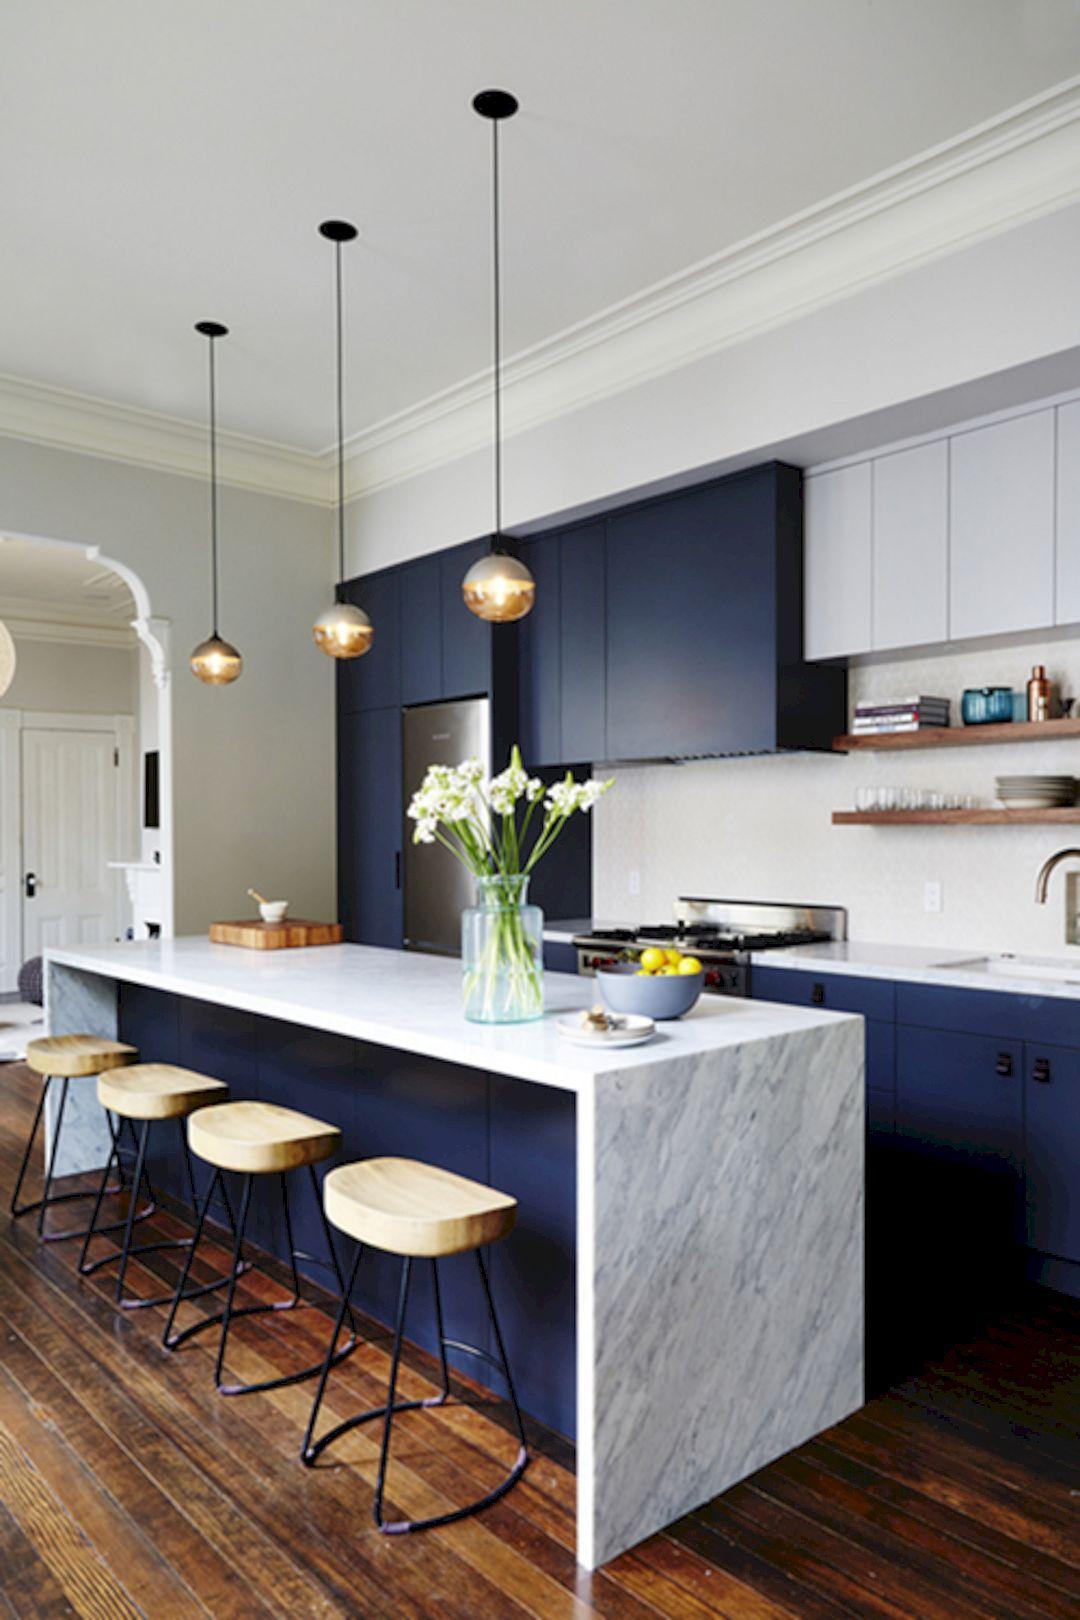 stylish modern kitchen cabinet 127 design ideas my future home rh pinterest com modern kitchen interior 3d rendering modern kitchen interior design